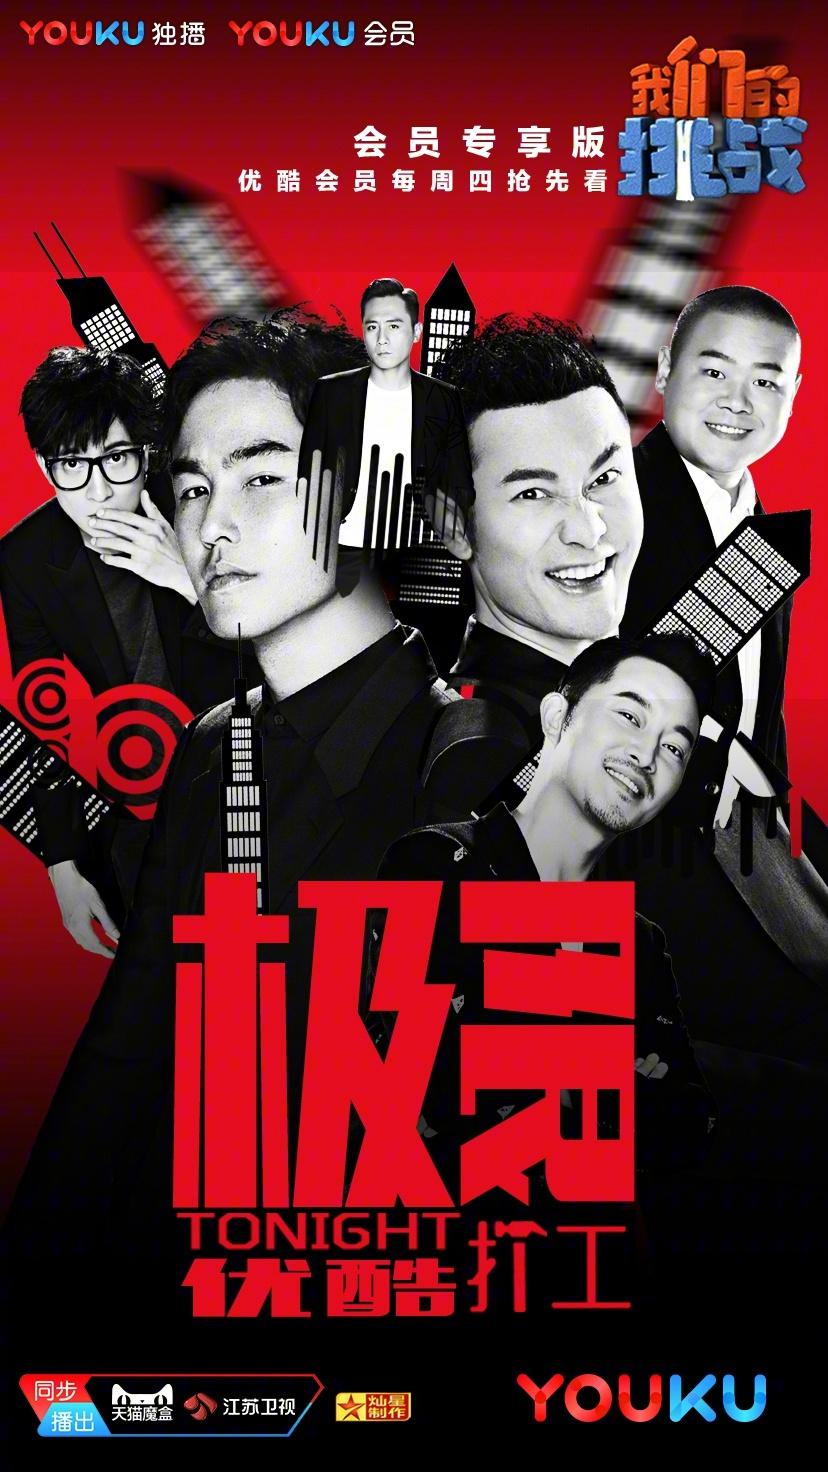 #我们的挑战#节目组大(can)发(jue)慈(ren)悲(huan),每位嘉宾都有绝佳打工机会!@